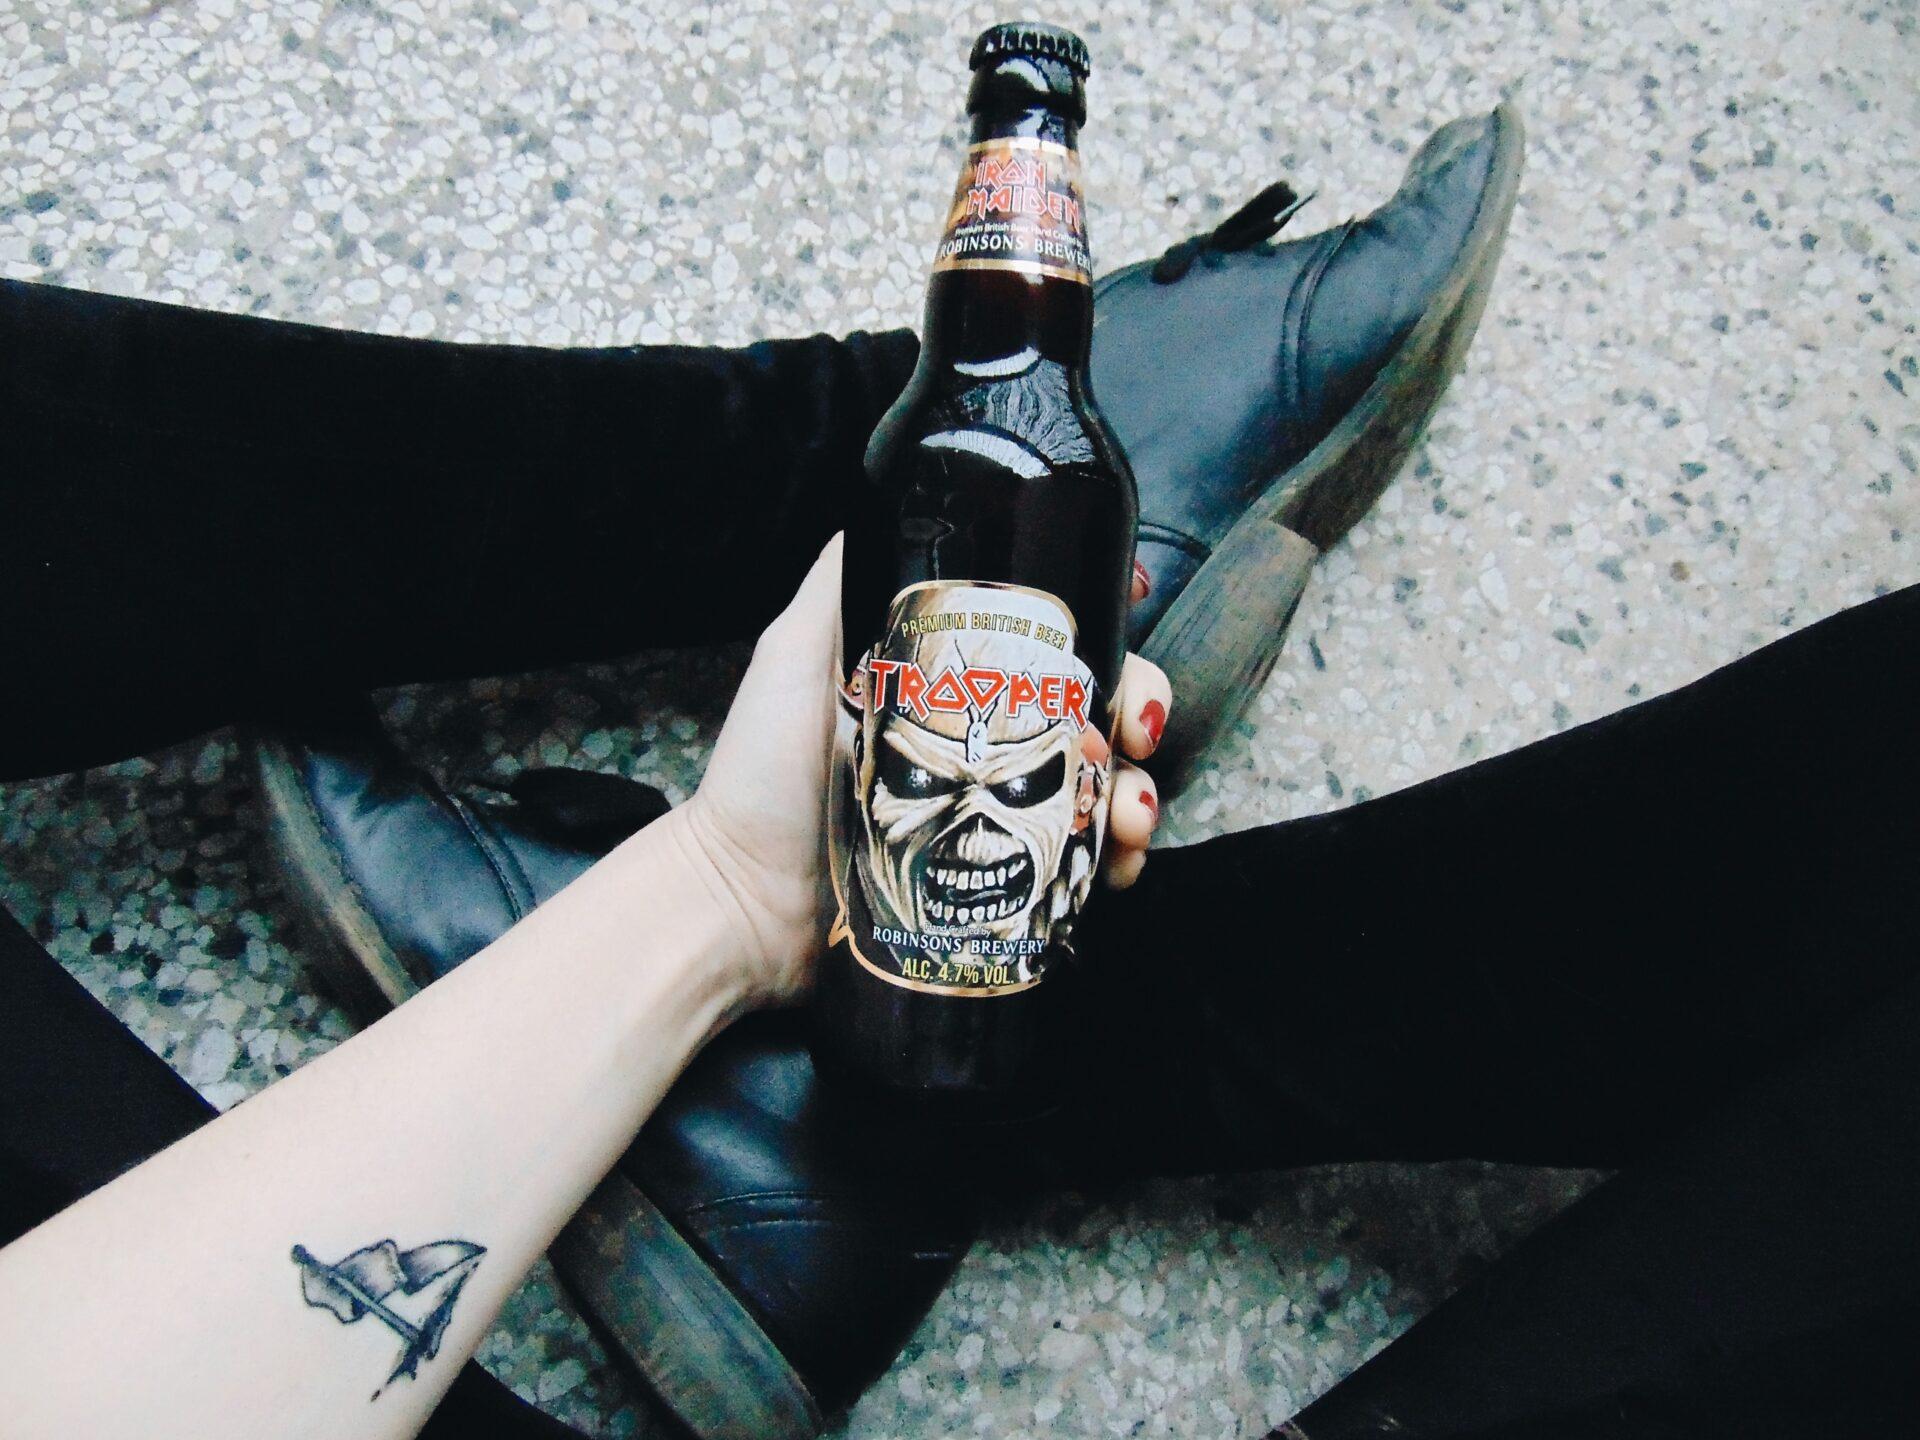 pivo trooper iron maiden a tetování